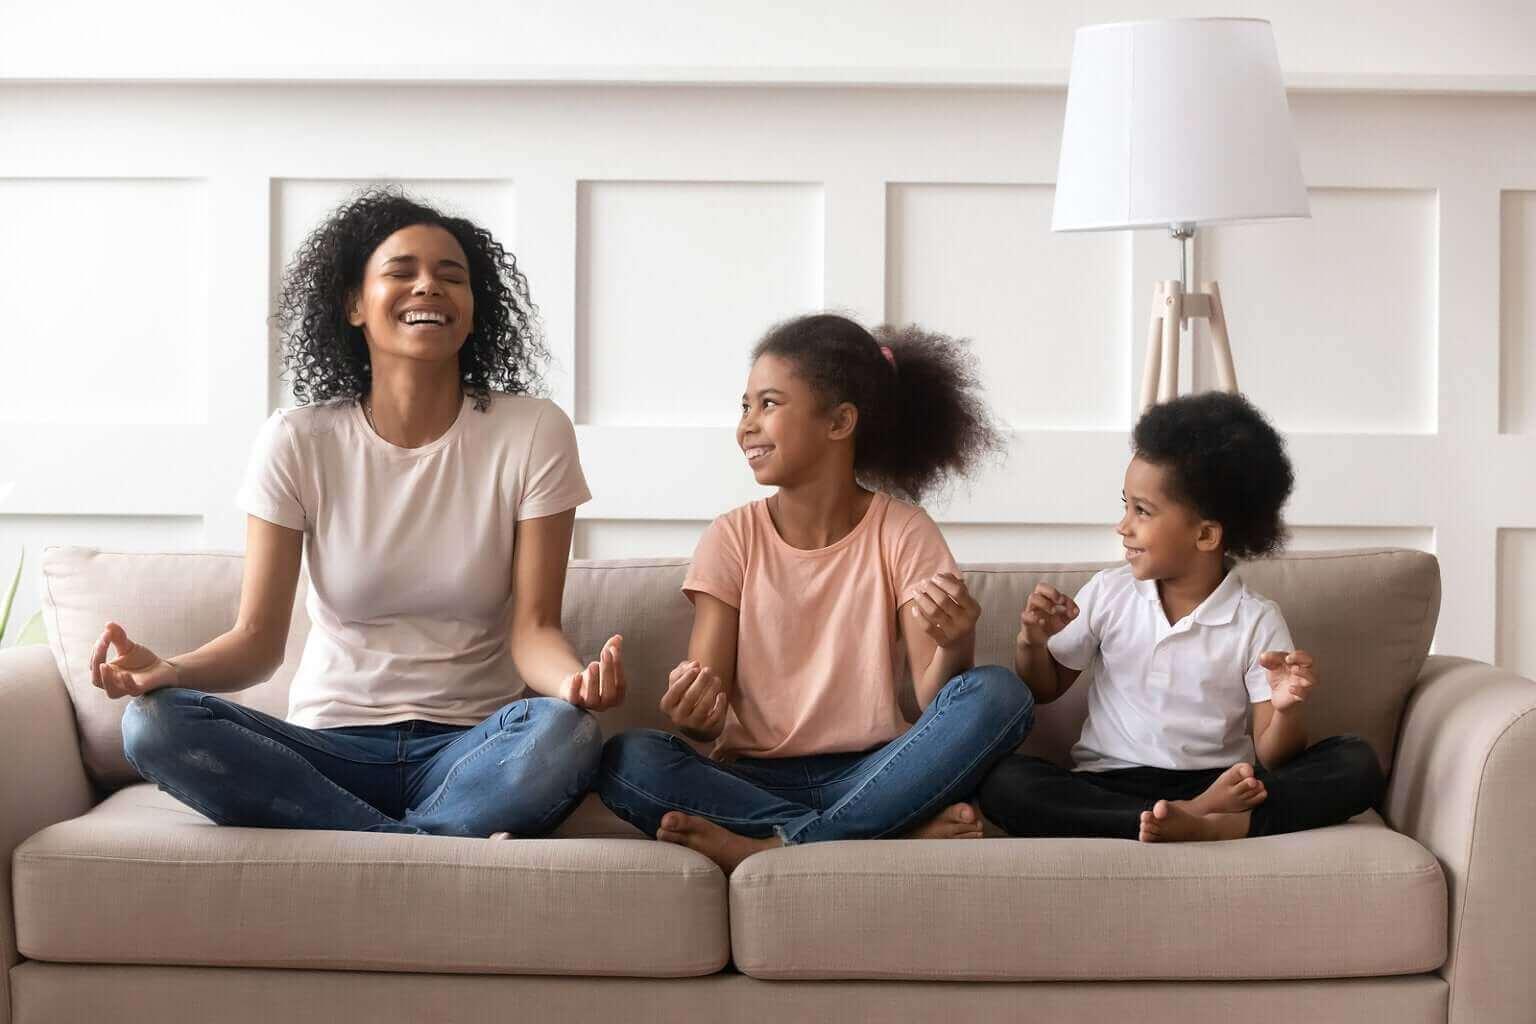 Reflexões para os pais